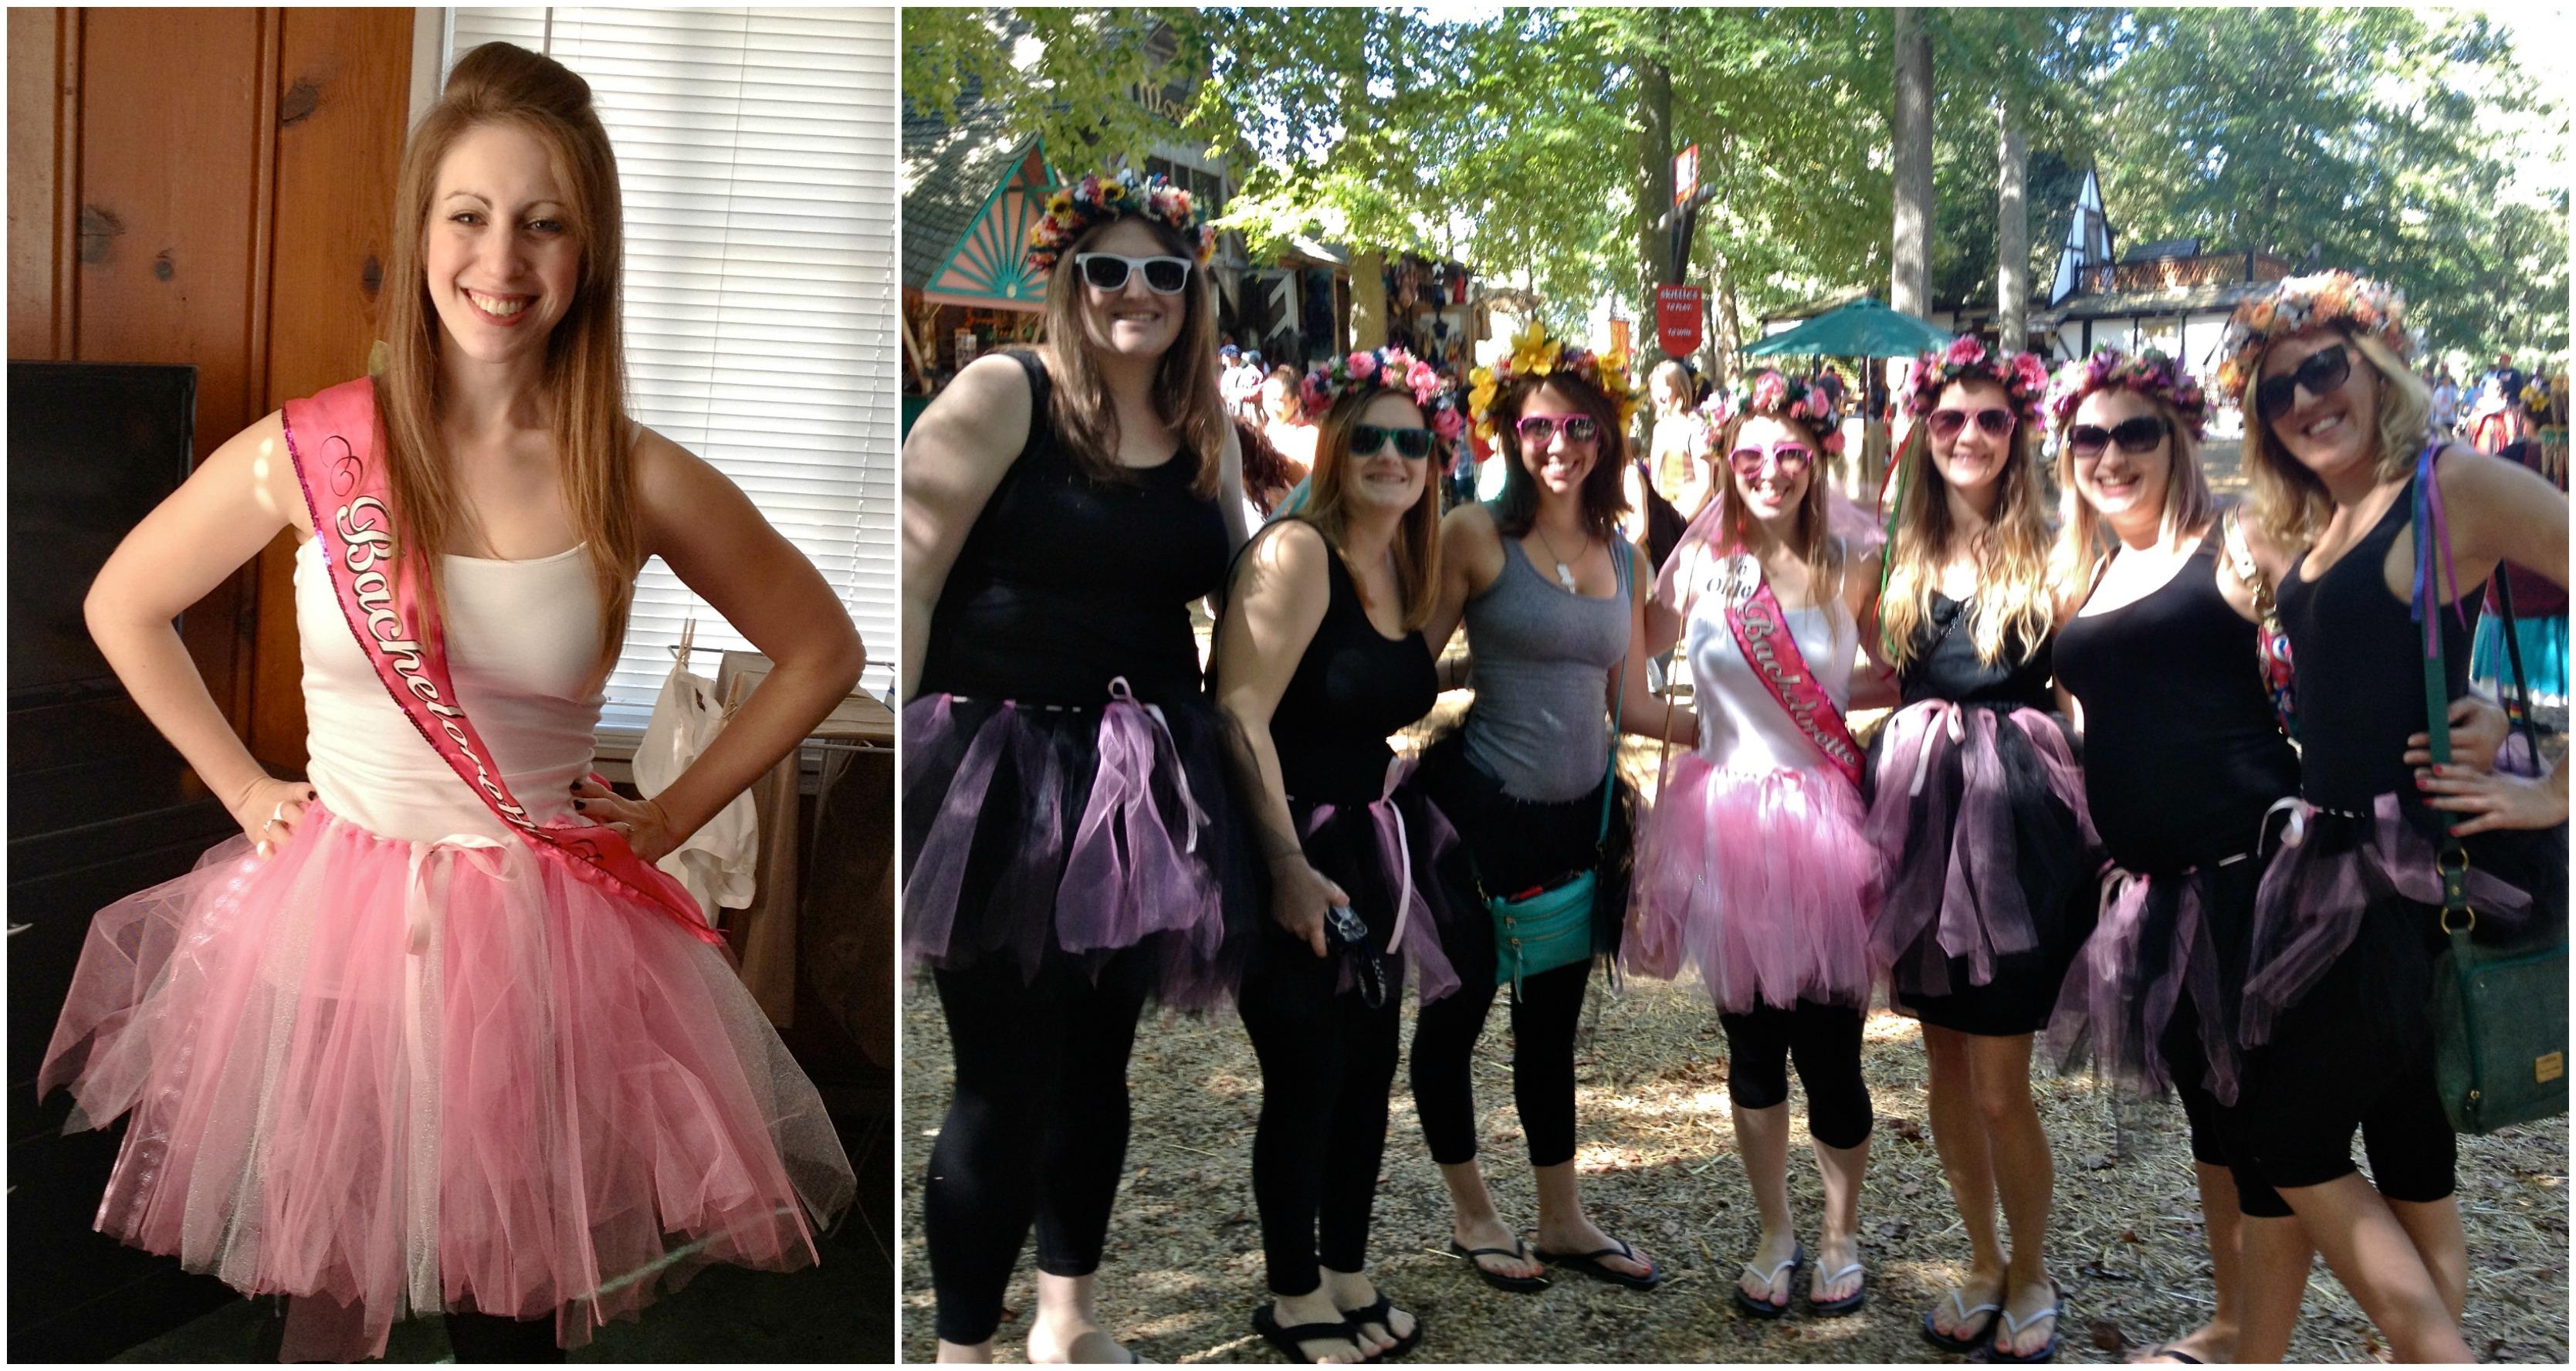 Renaissance Festival bachelorette party